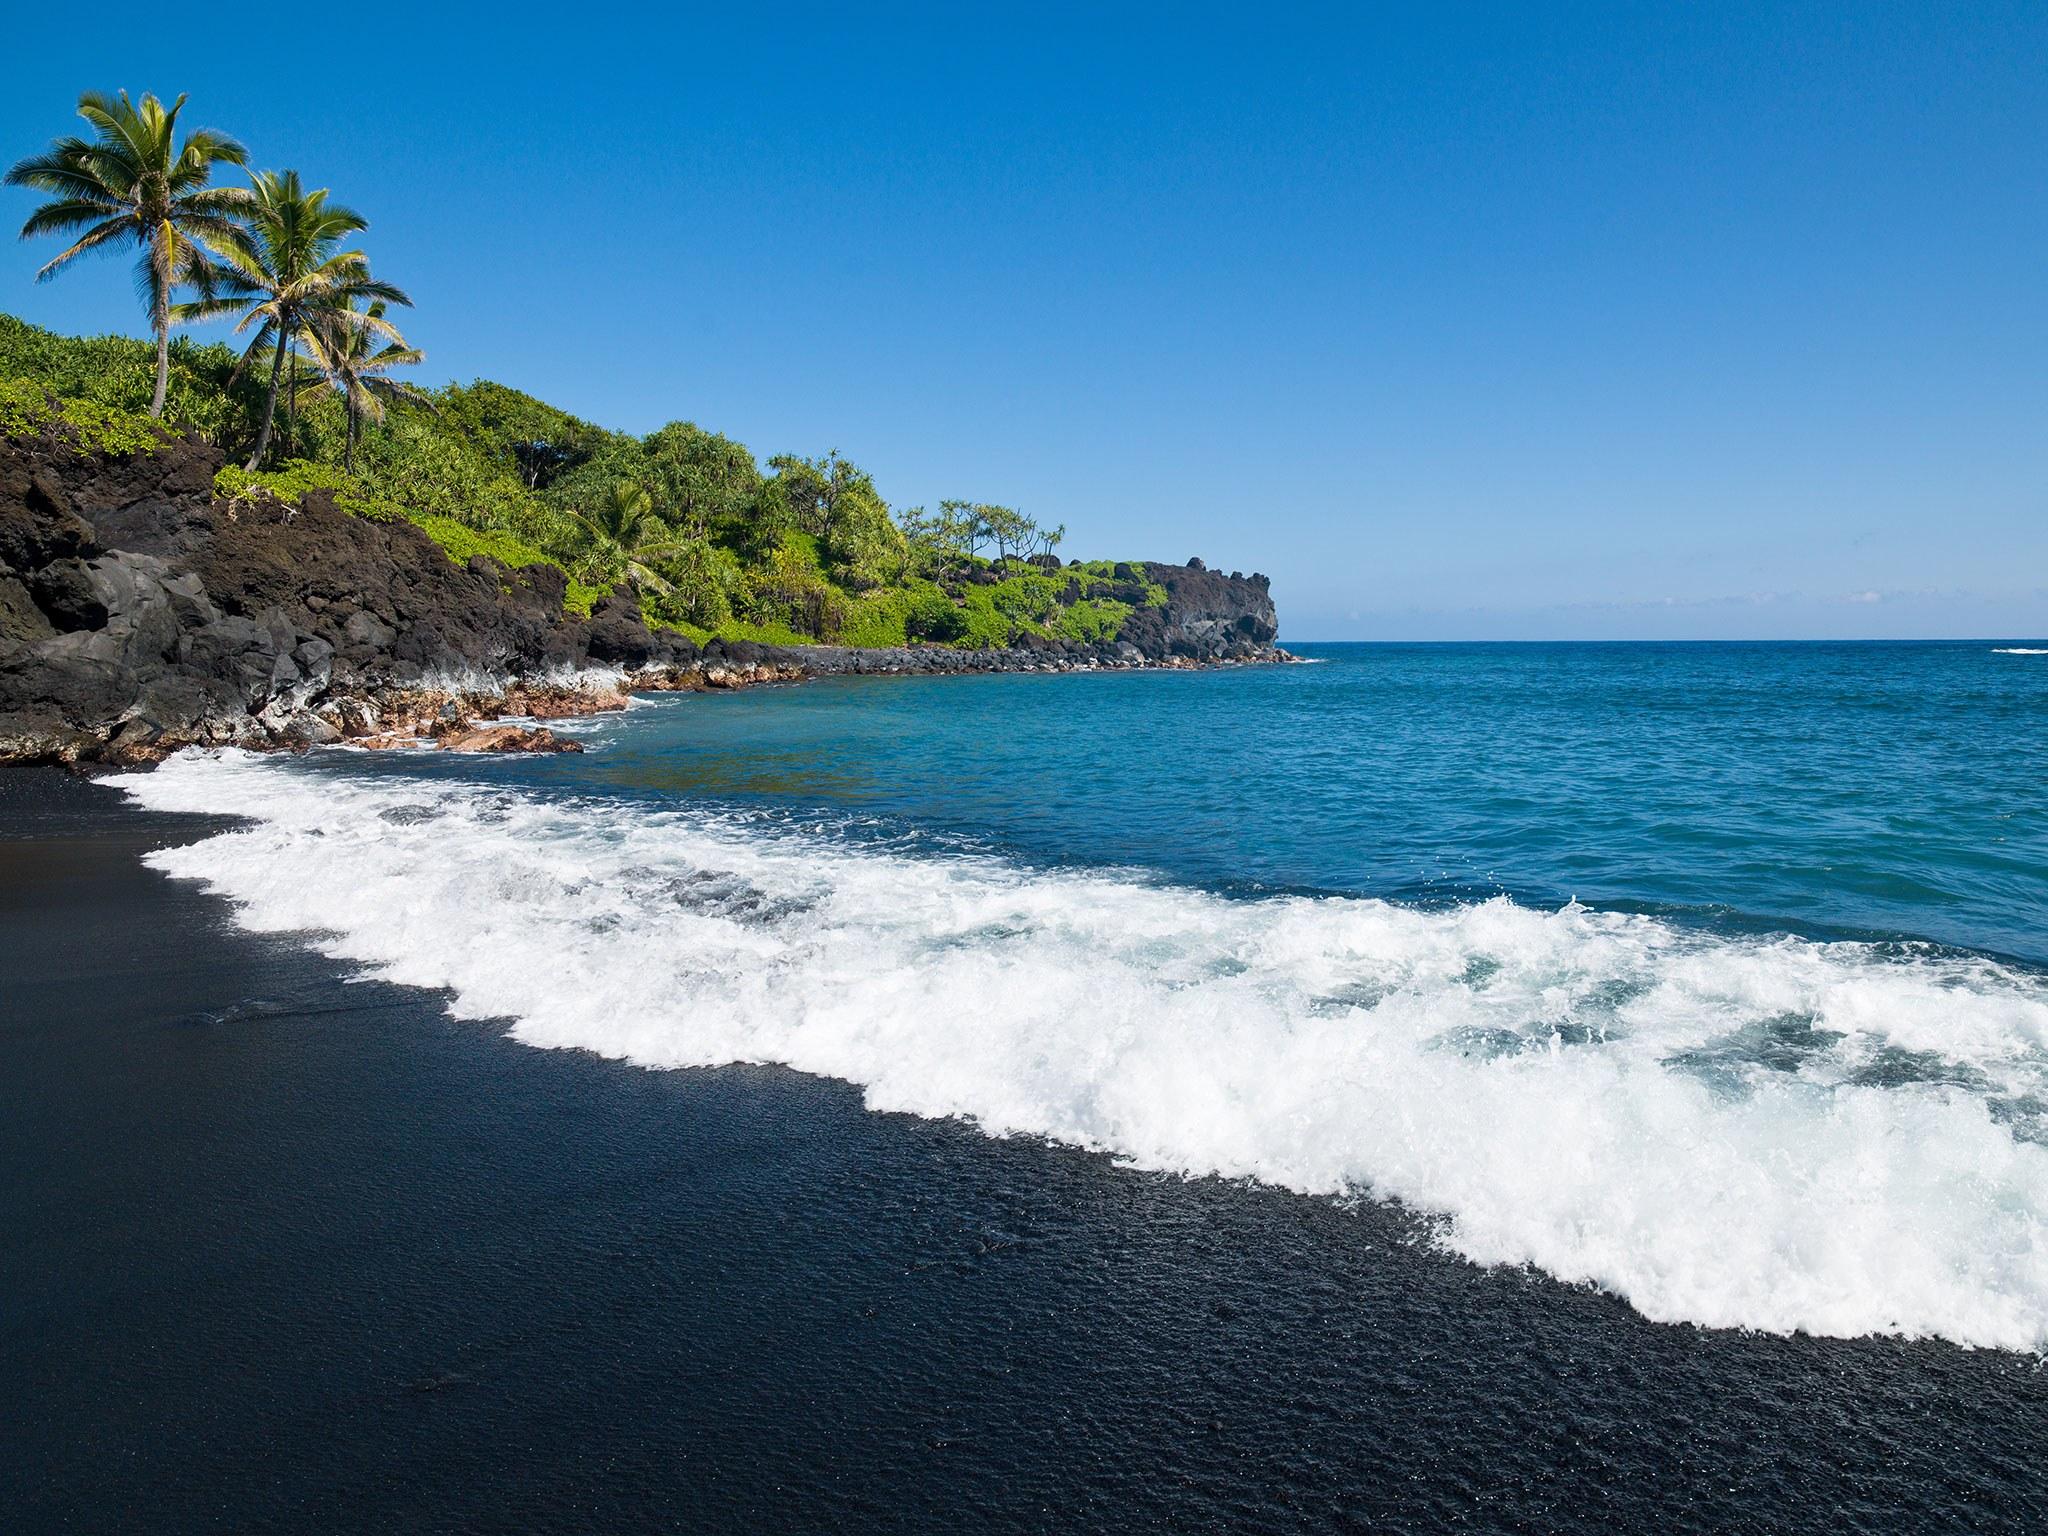 honokalani-beach-hawaii_havasi_dorka_blog.jpg